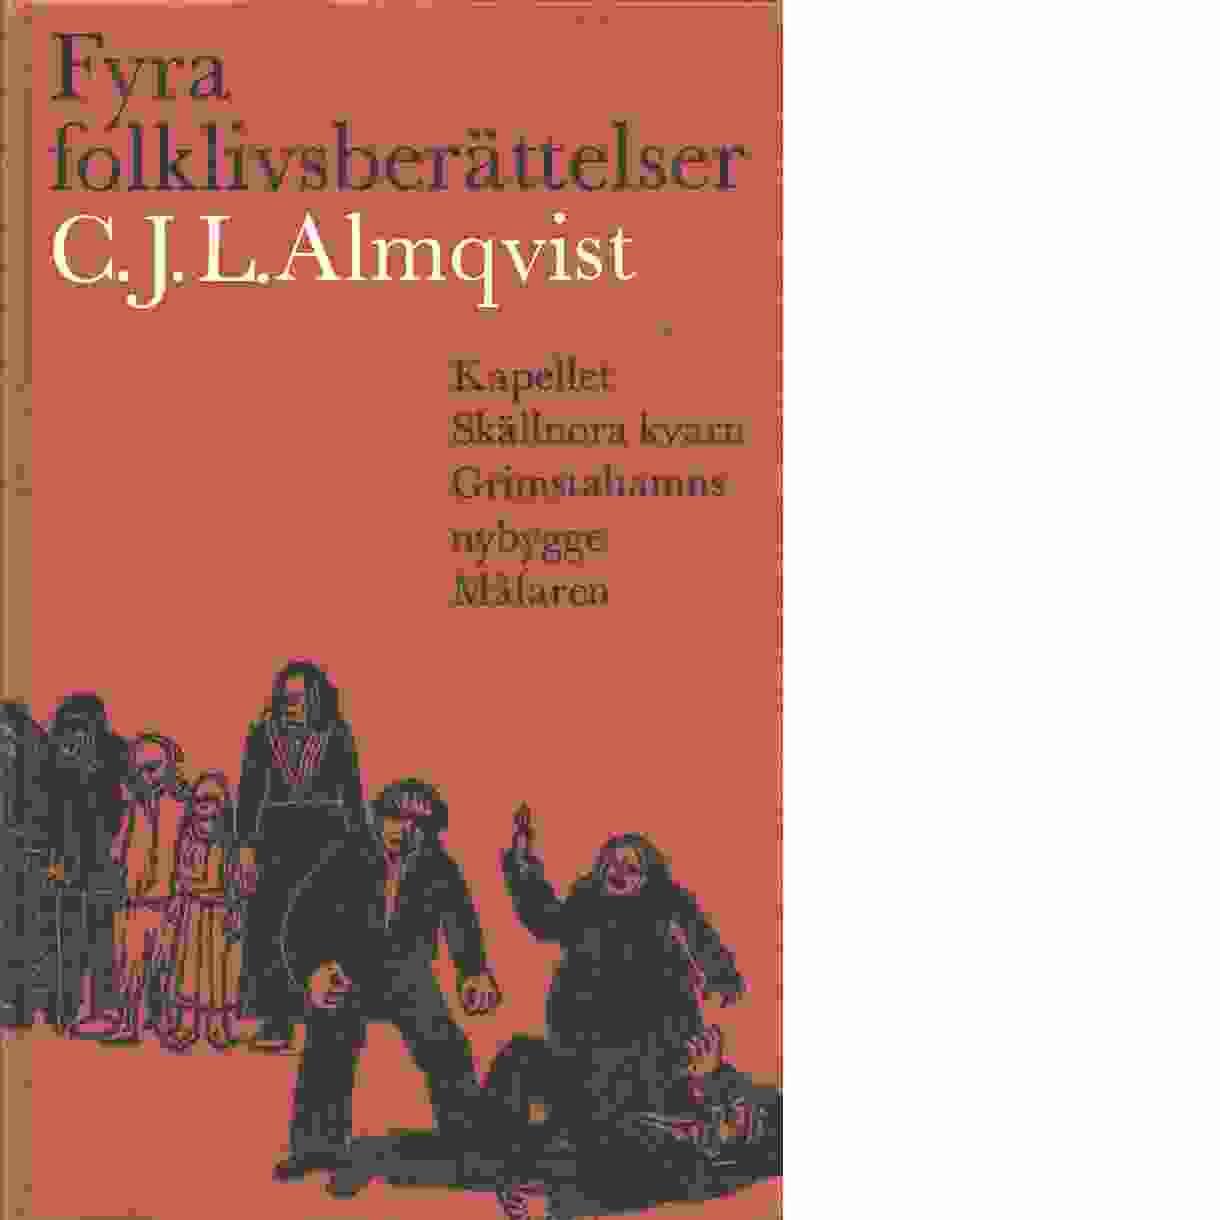 Fyra folklivsberättelser - Almqvist, Carl Jonas Love